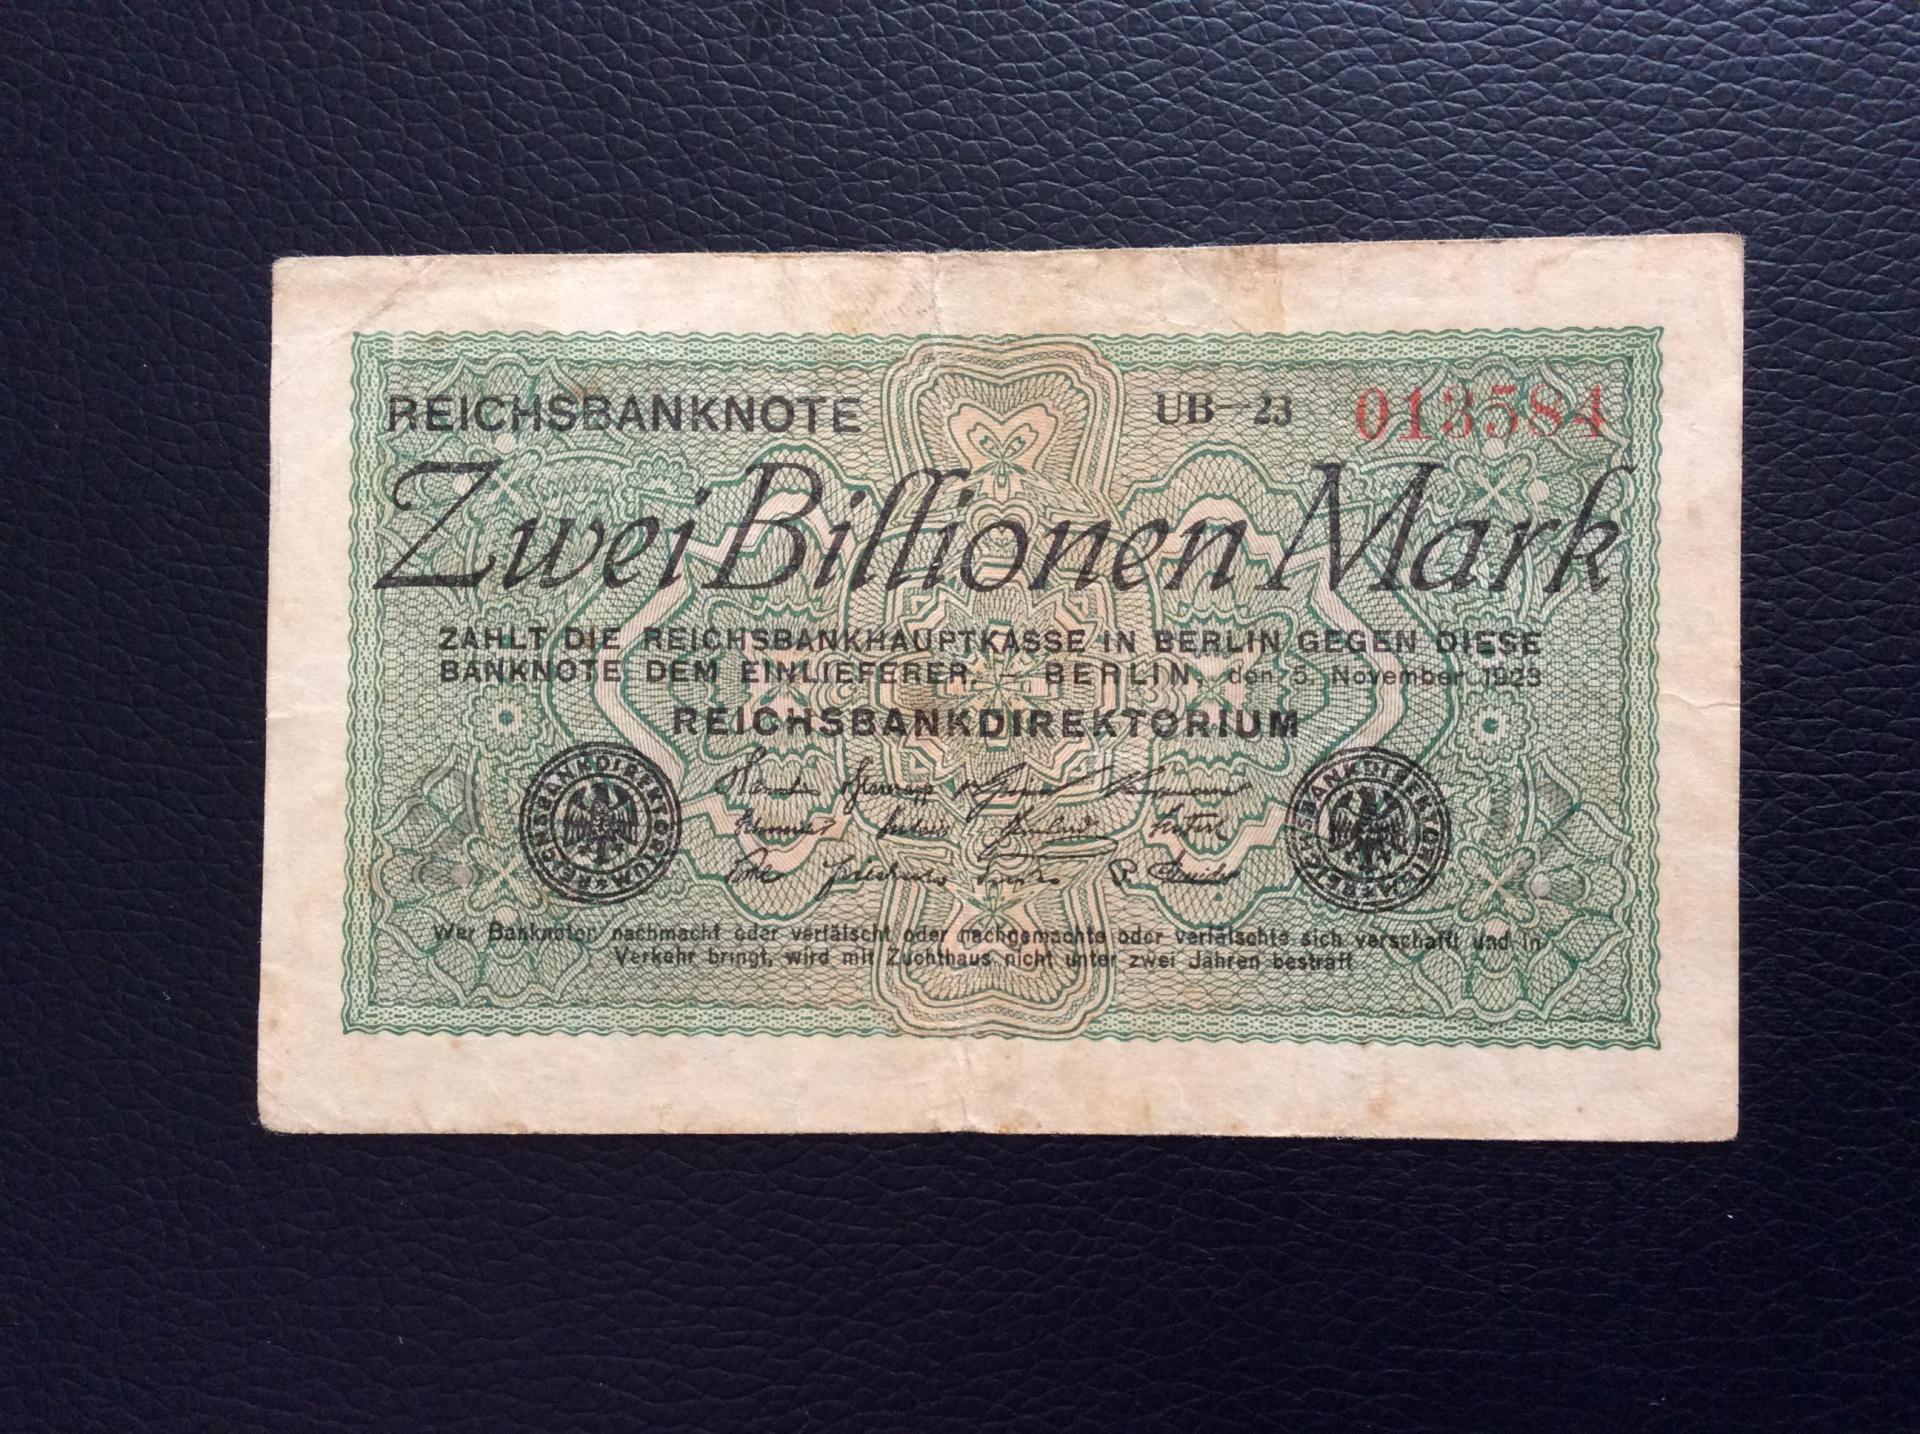 2 BILLIONEN MARK 1923 - BERLÍN ALEMANIA - REICHSBANKNOTE